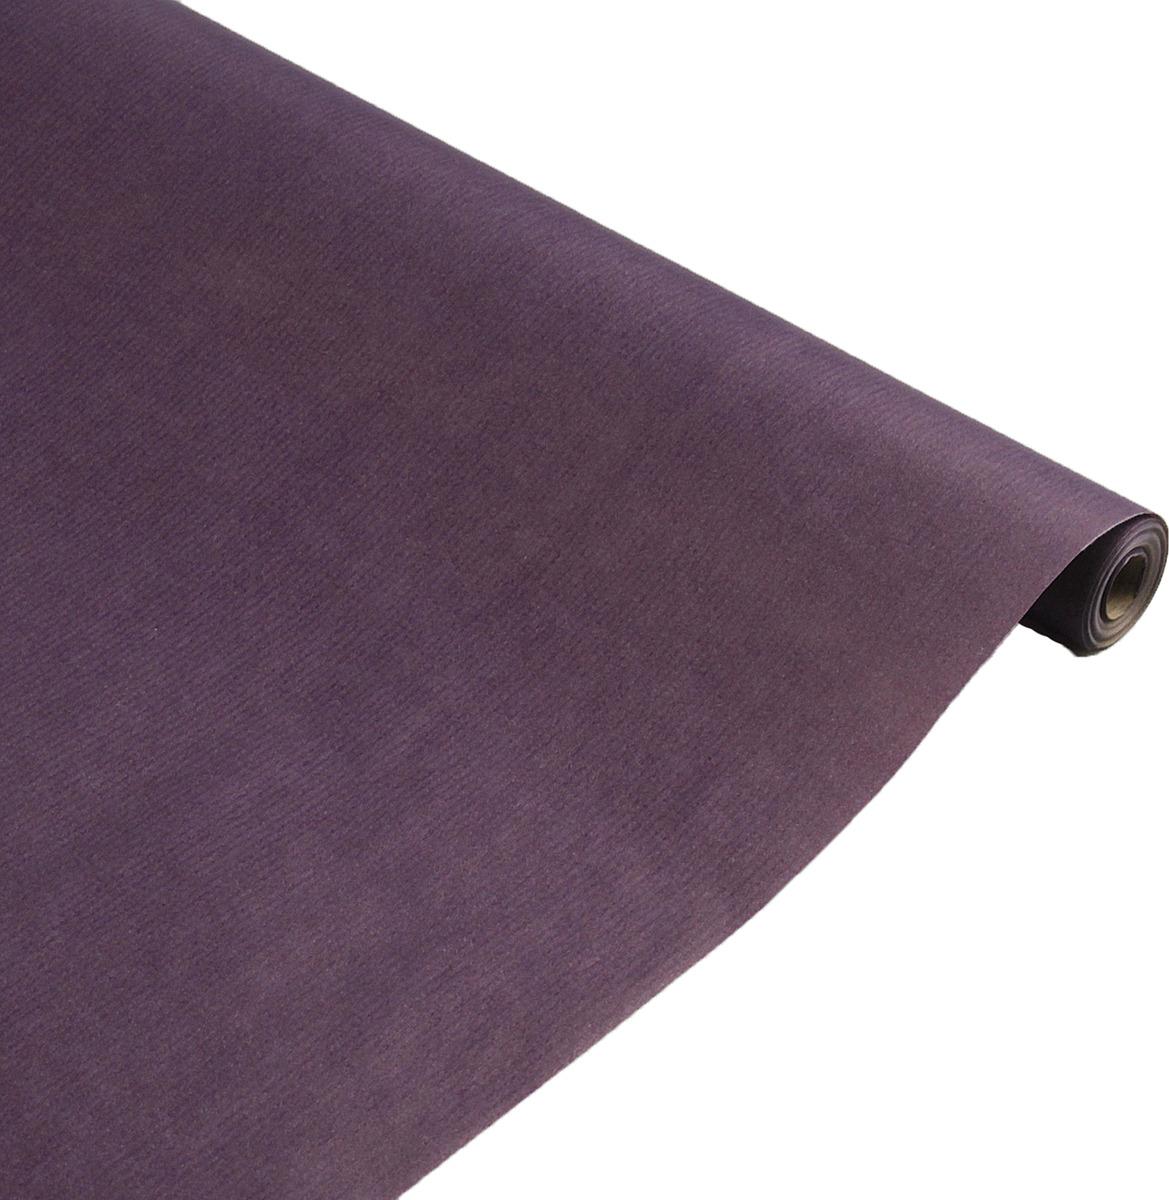 Бумага упаковочная, 3218056, фиолетовый, 0,7 х 10 м